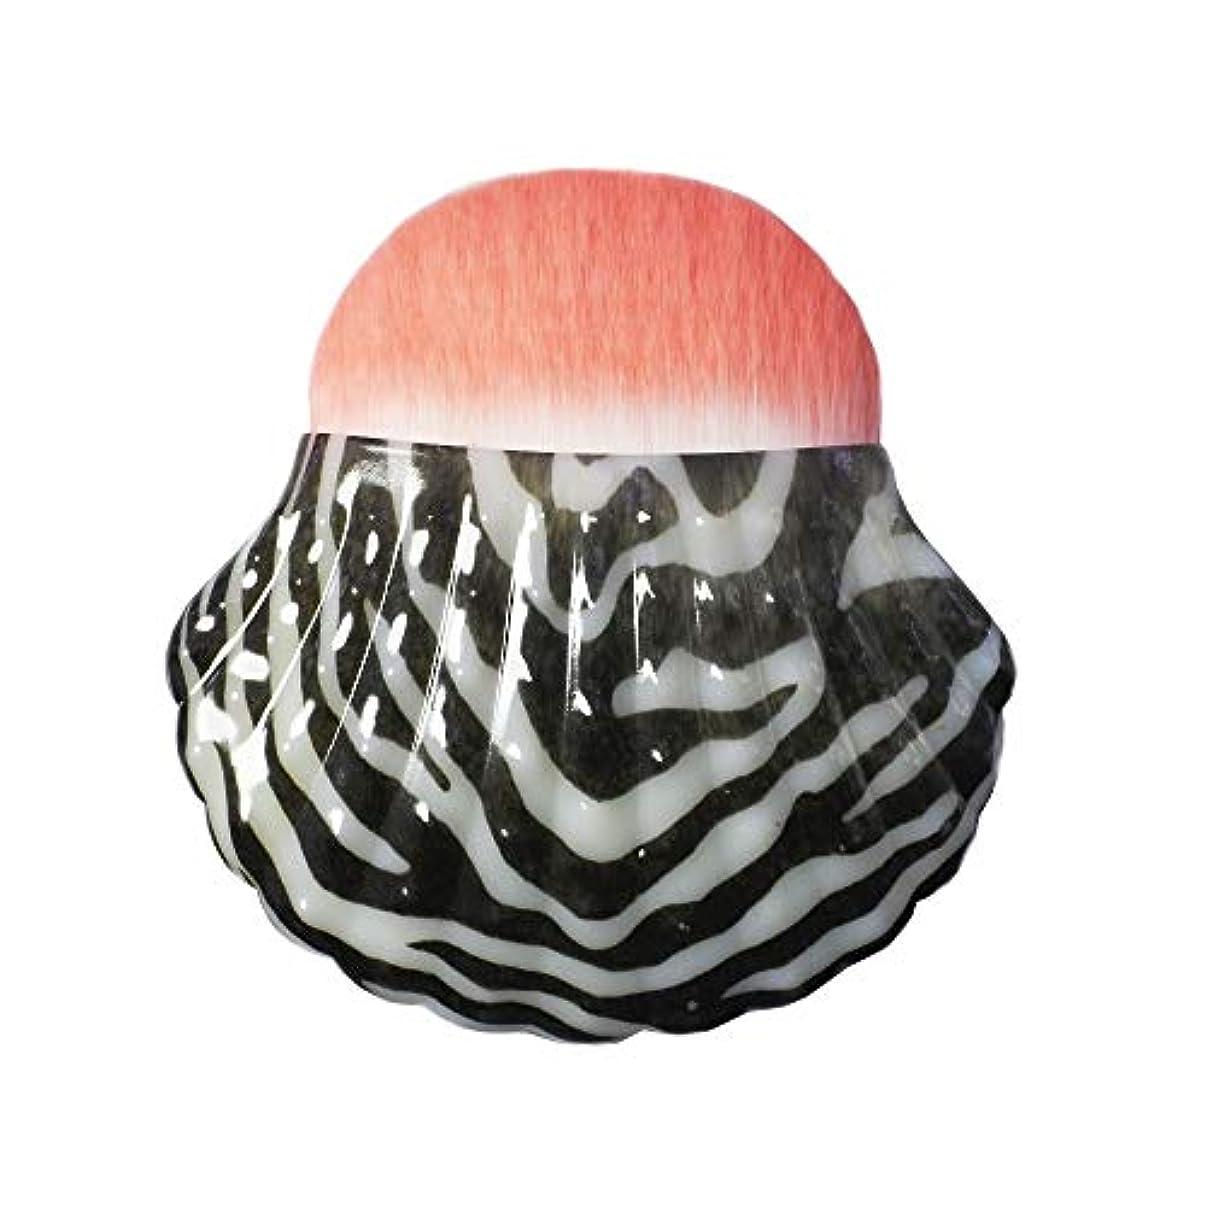 しつけ評決にじみ出るMakeup brushes 黒と白のパターン、個々のシェルタイプブラッシュブラシ美容メイクブラシツールポータブル多機能メイクブラシ suits (Color : Leopard)